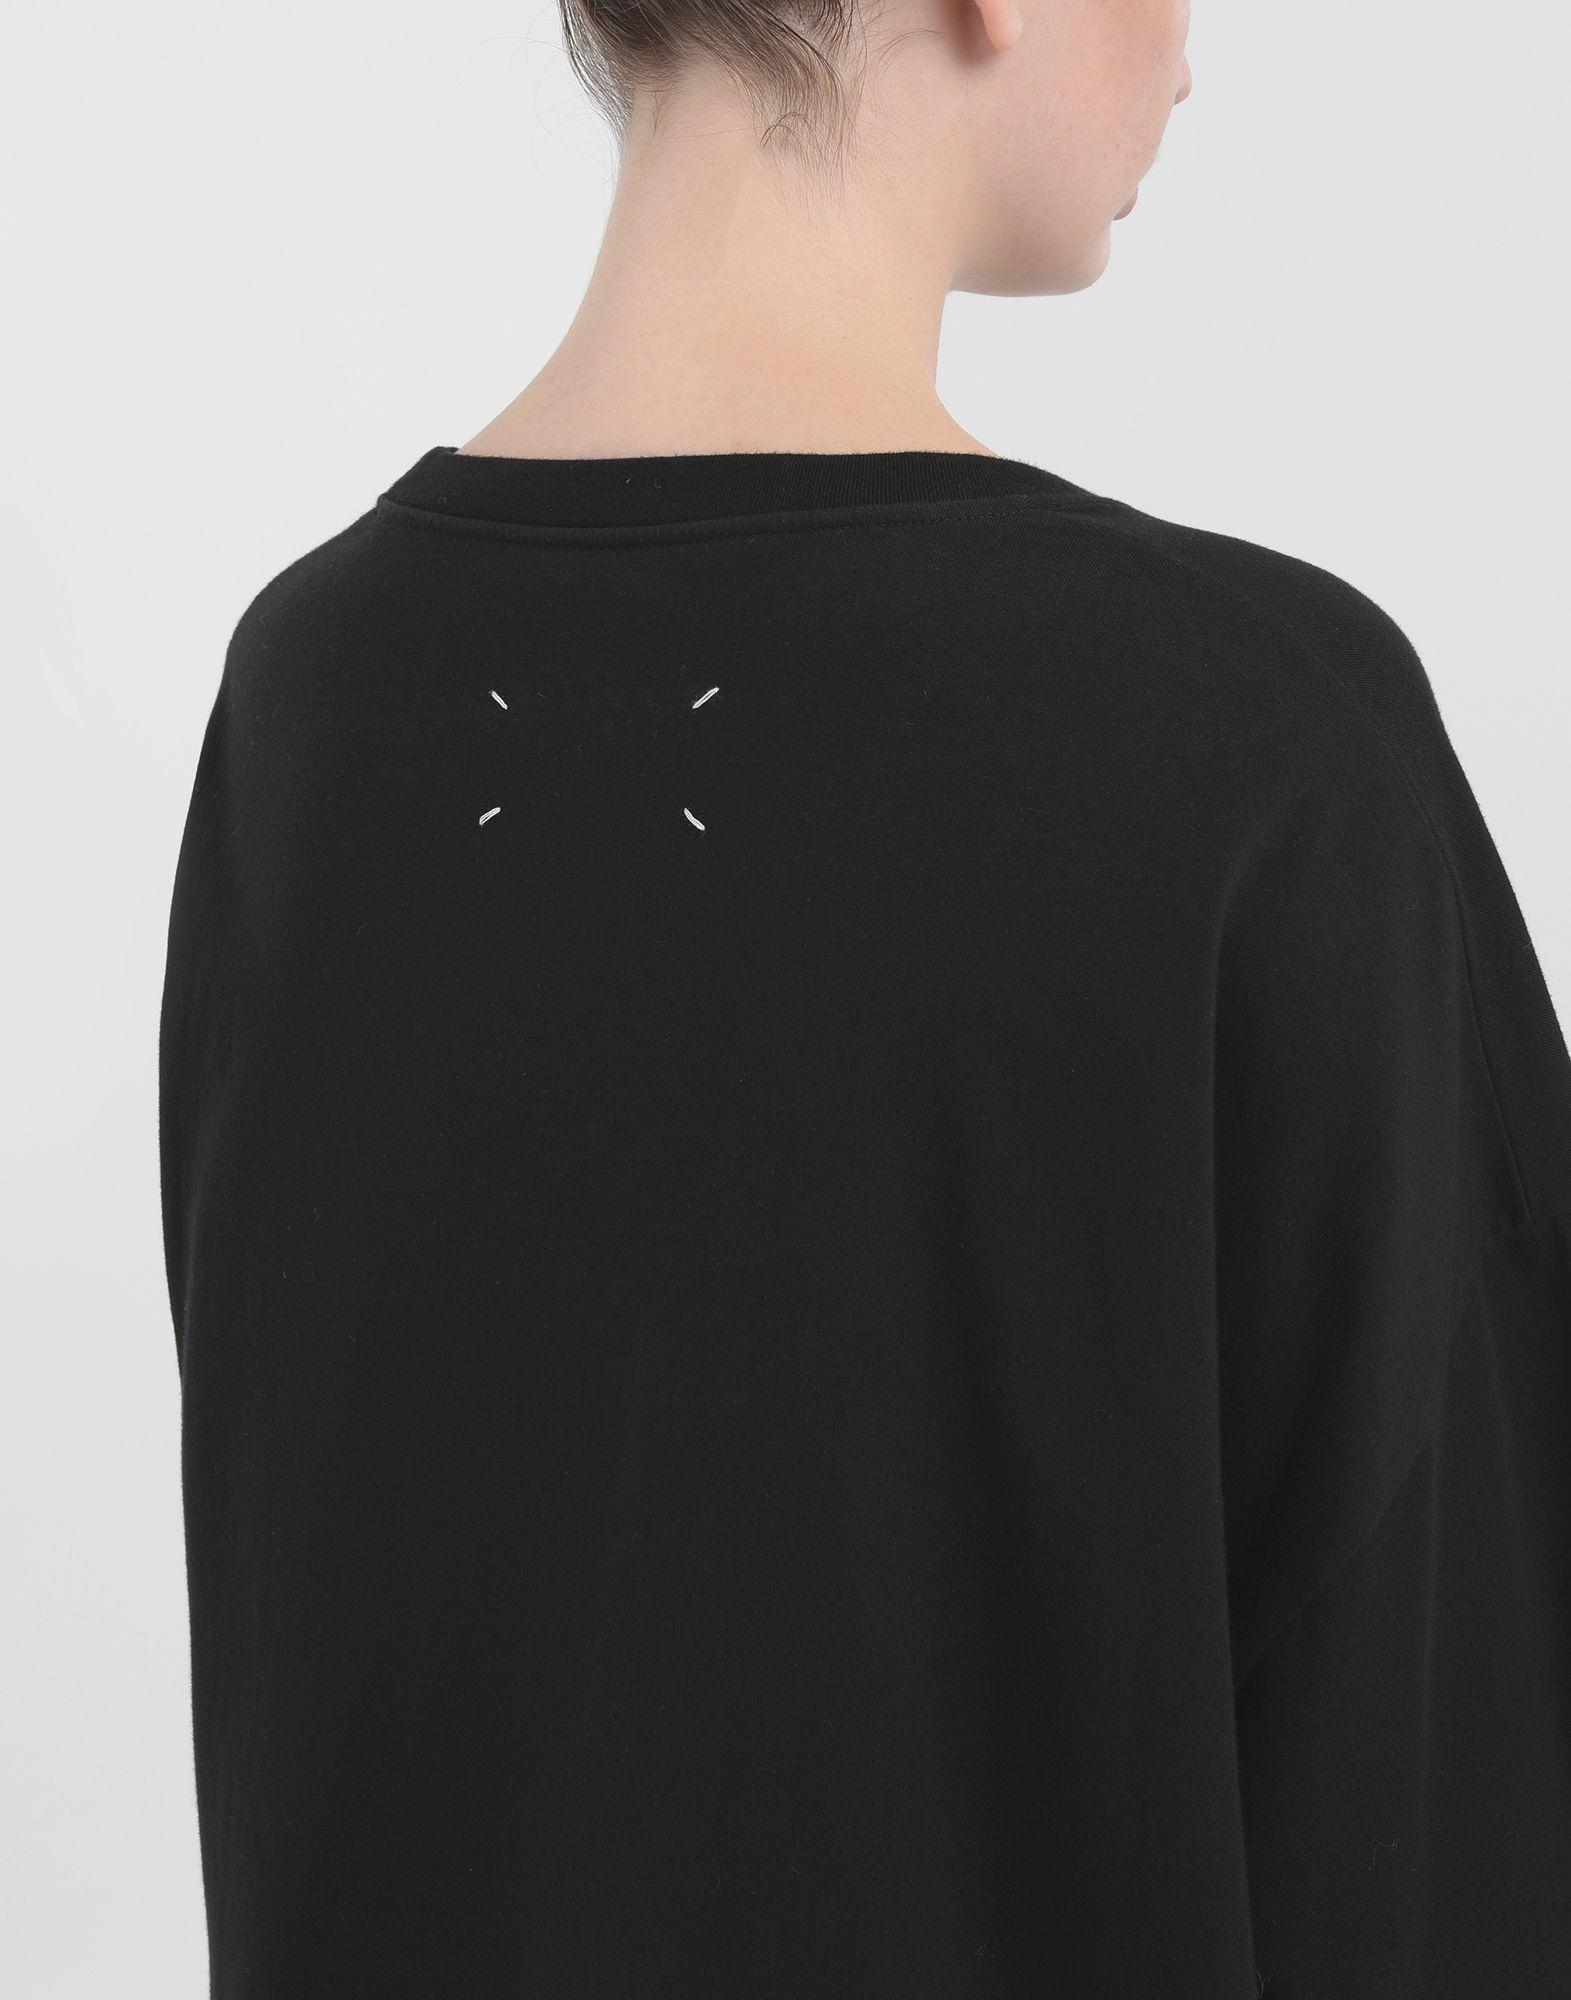 MAISON MARGIELA T-shirt Flamingo T-shirt maniche corte Donna e